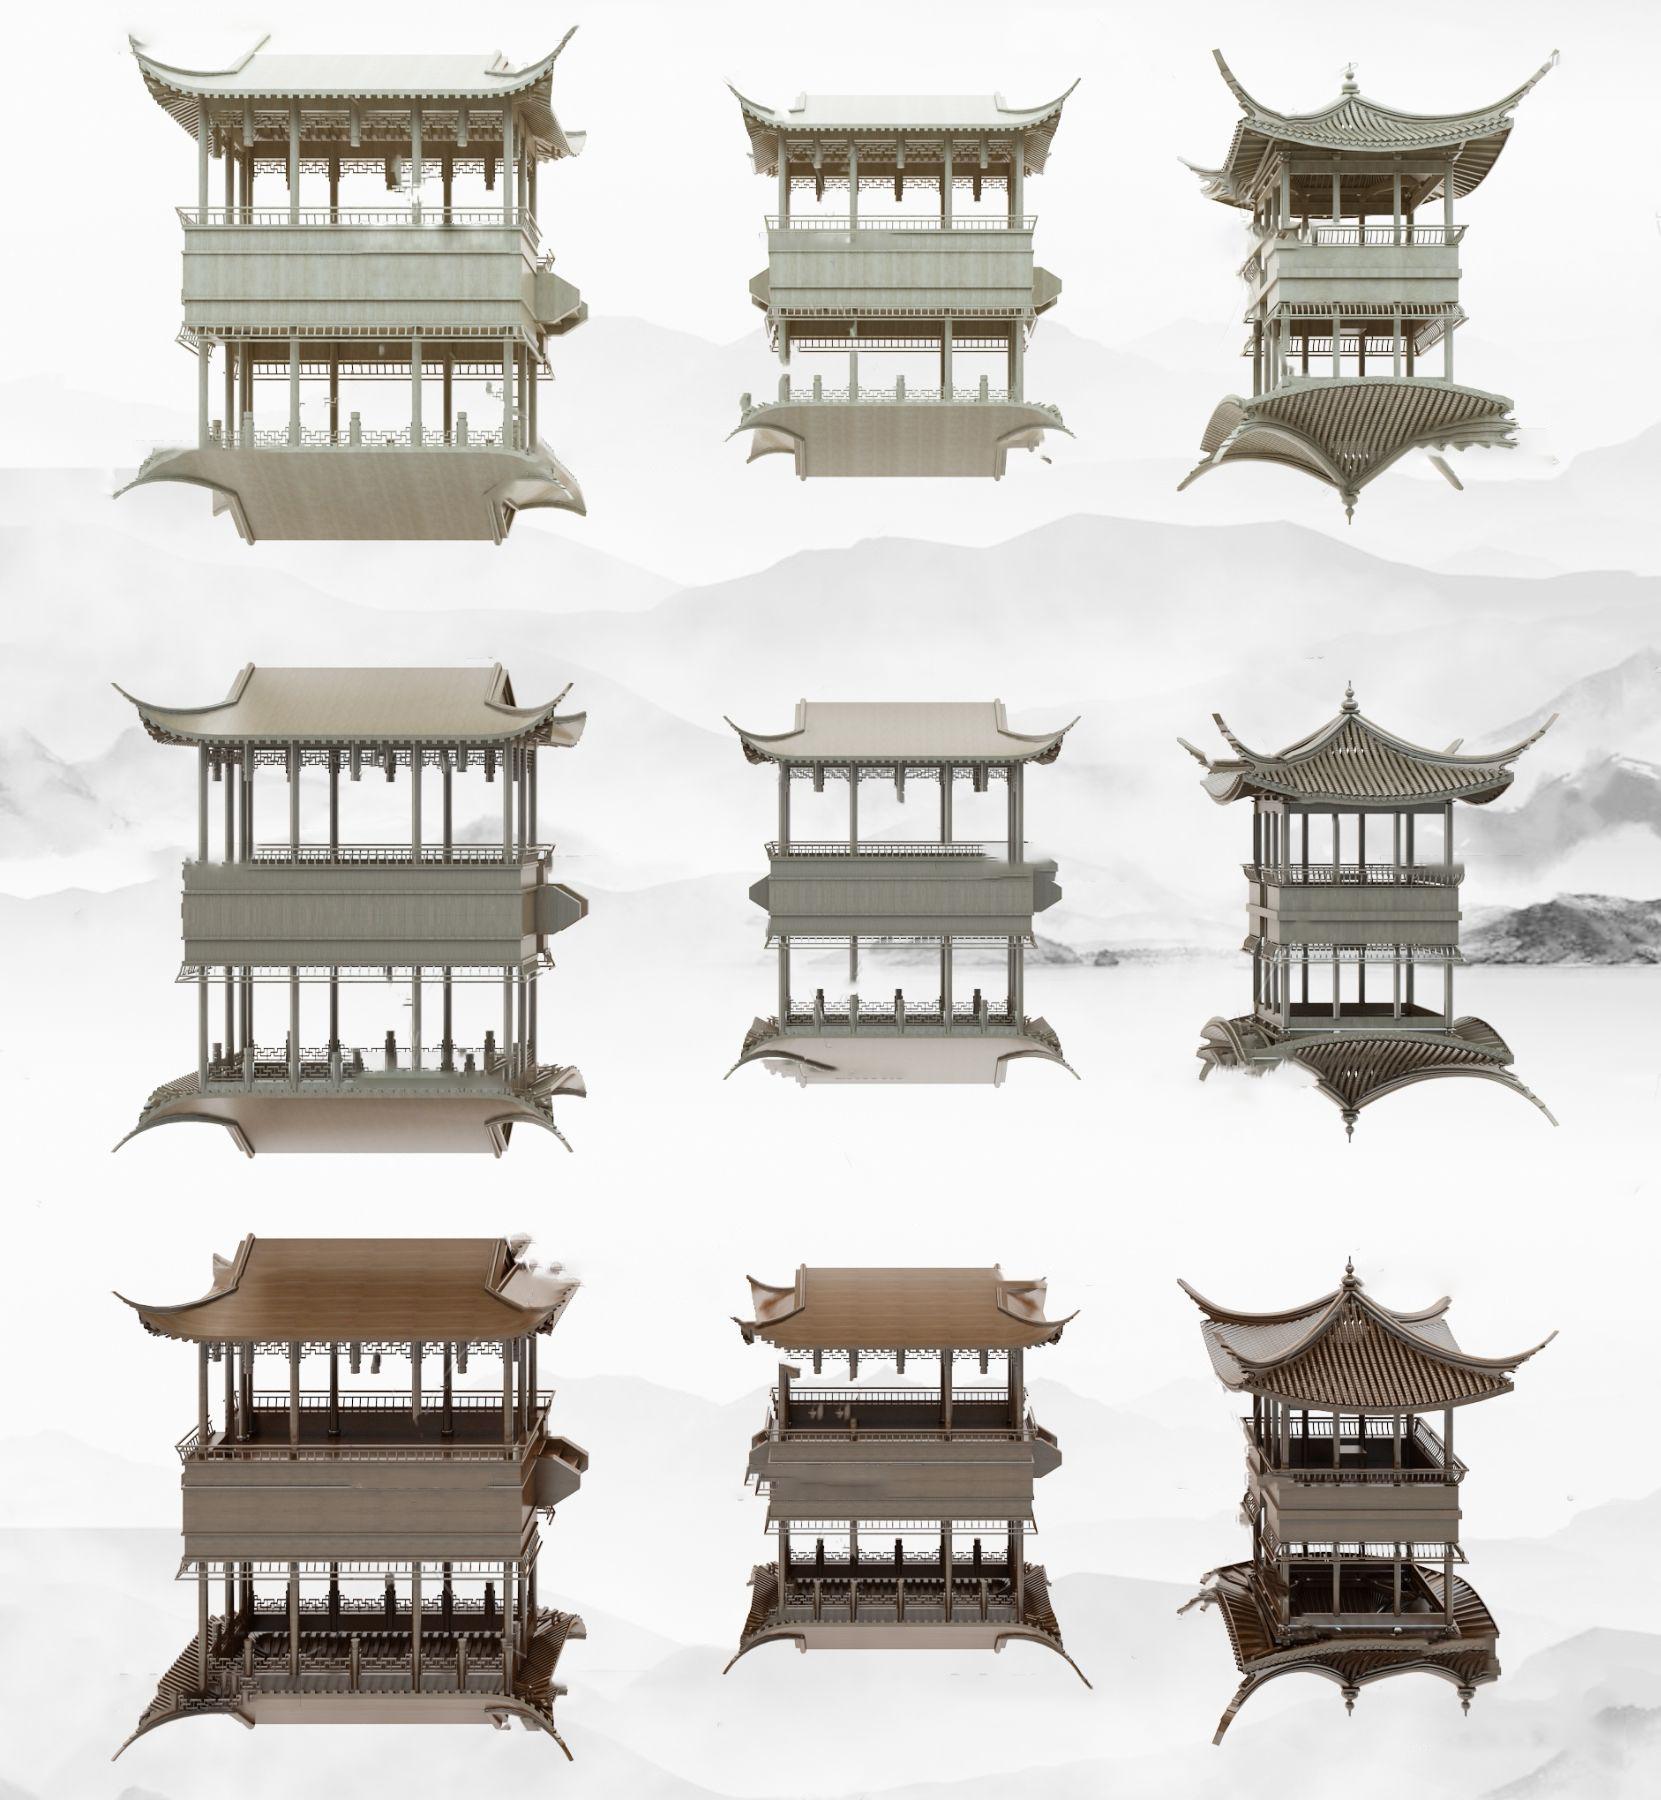 中式徽派建筑古建筑挂件3D模型【ID:243275733】